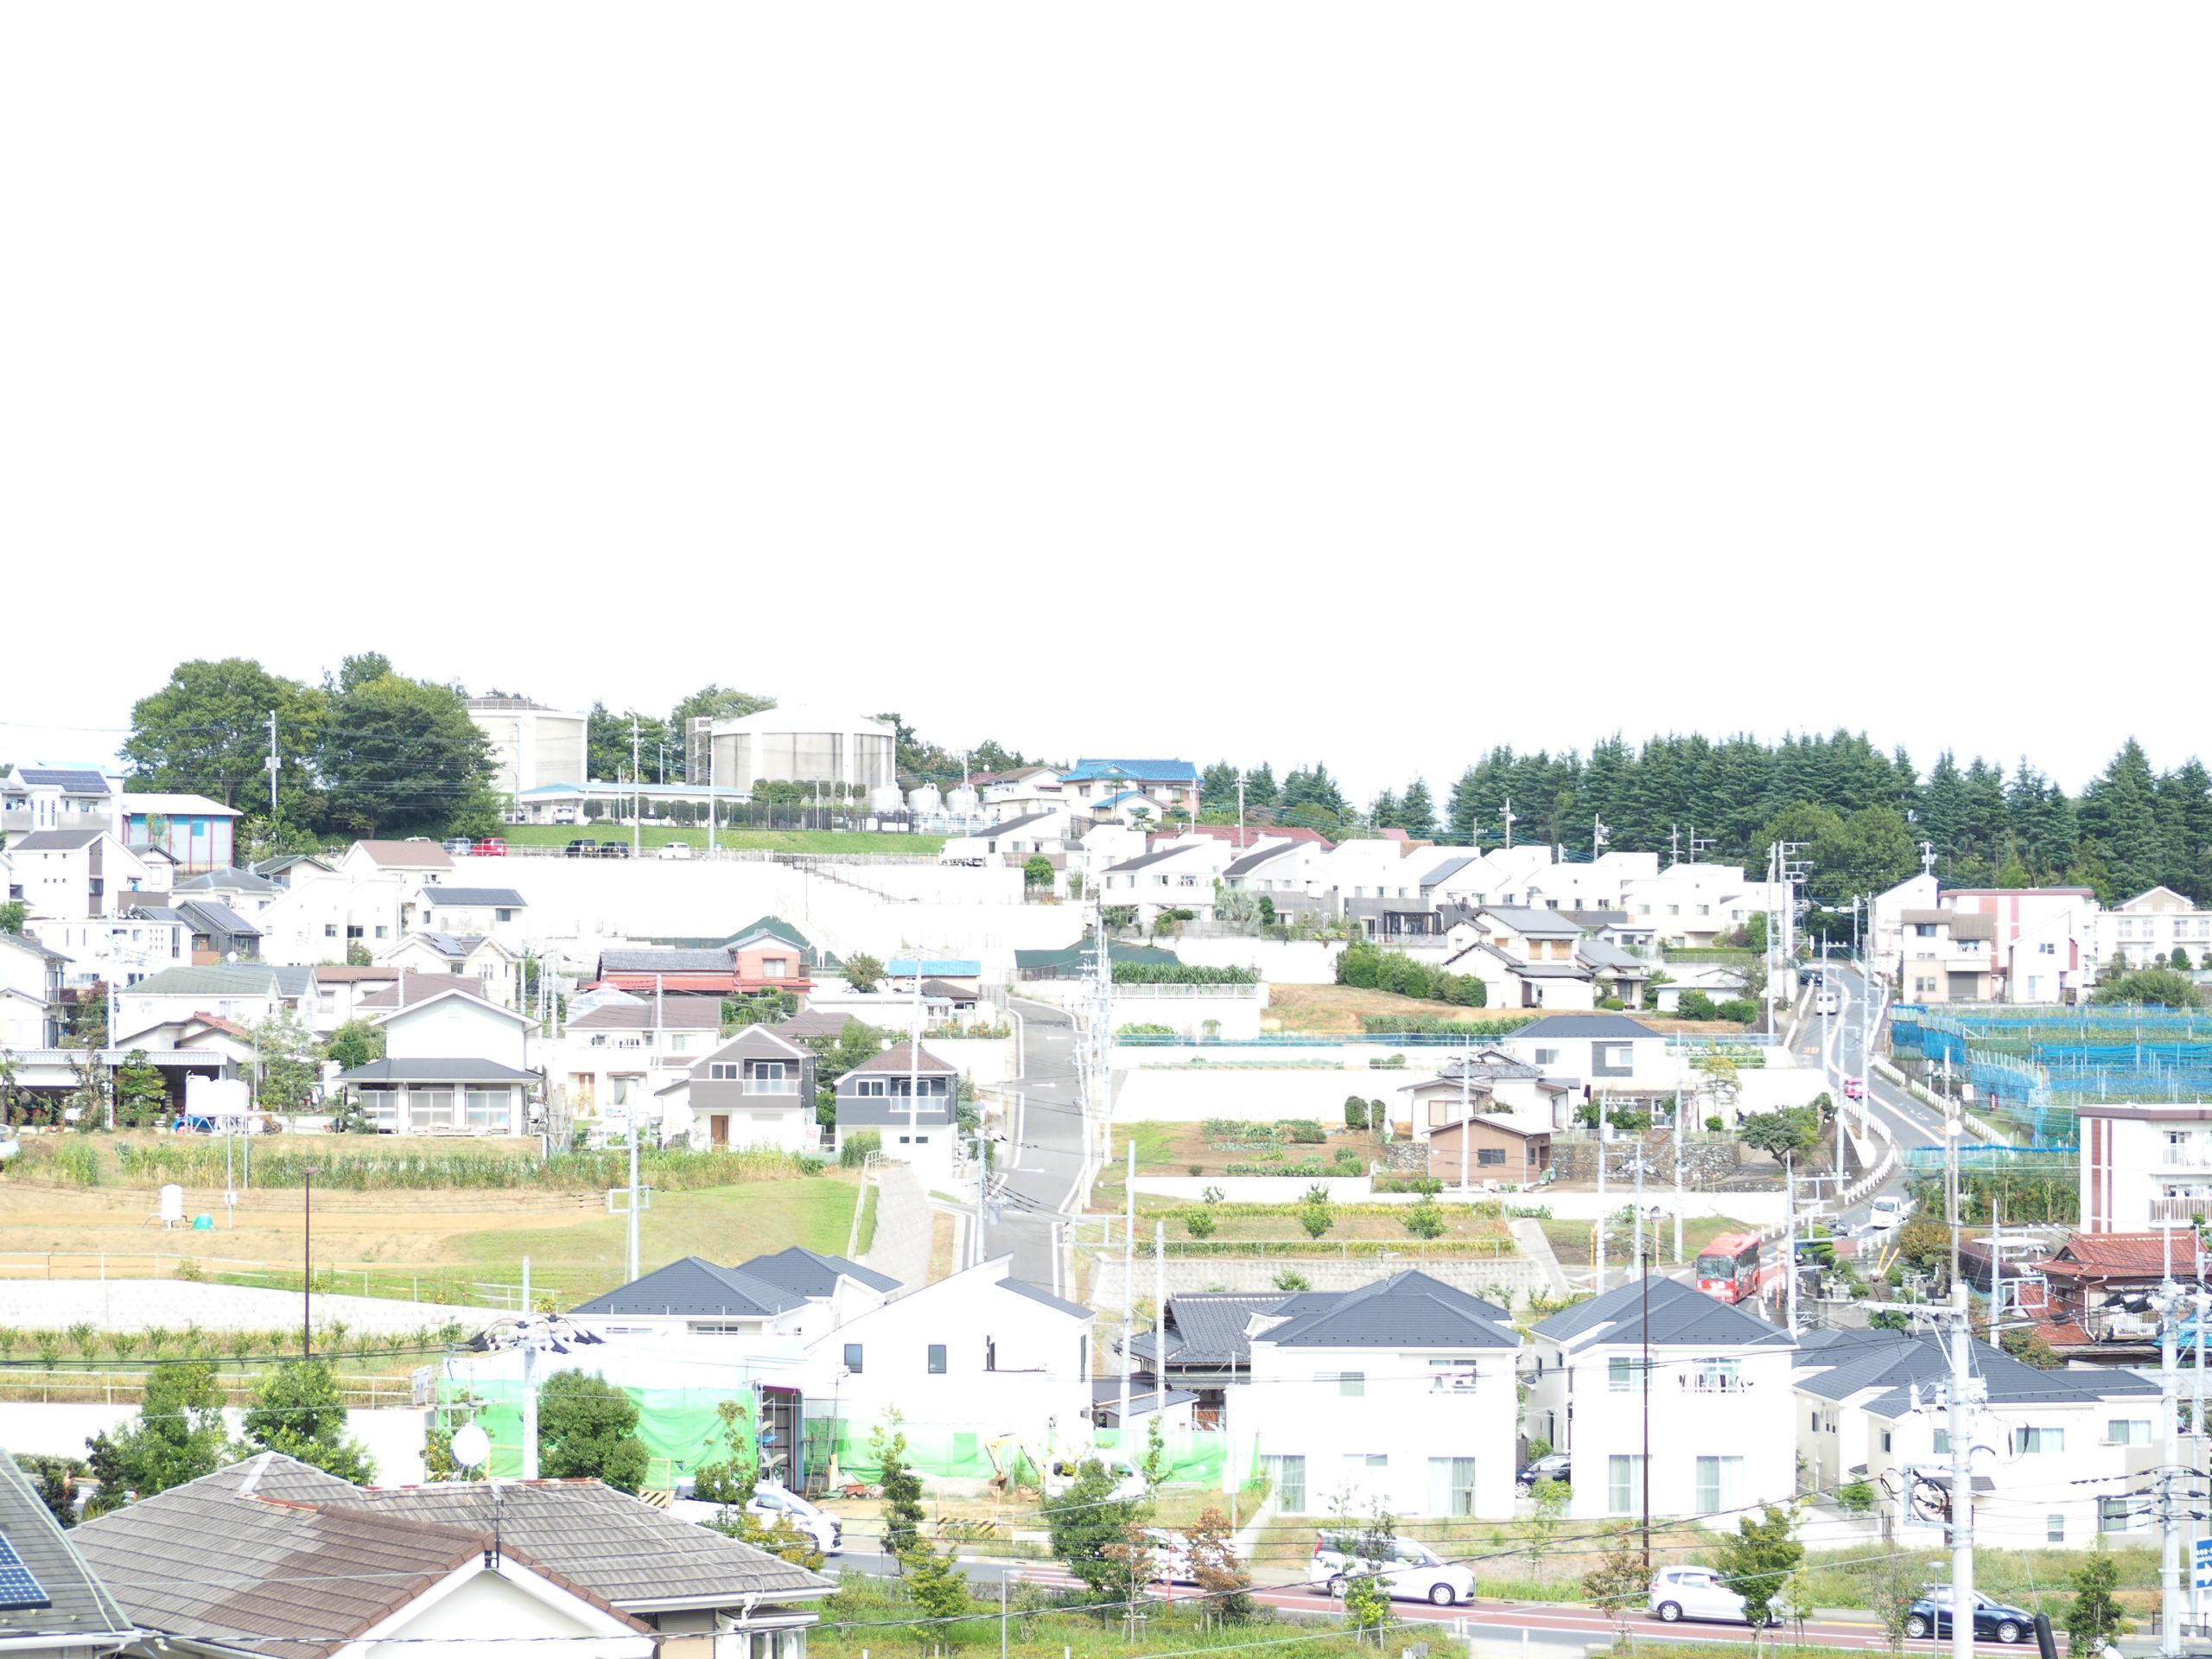 賃貸で住みたい街、脱・都心の傾向に<br>―ライフル調査、準都心や郊外へ注目拡散